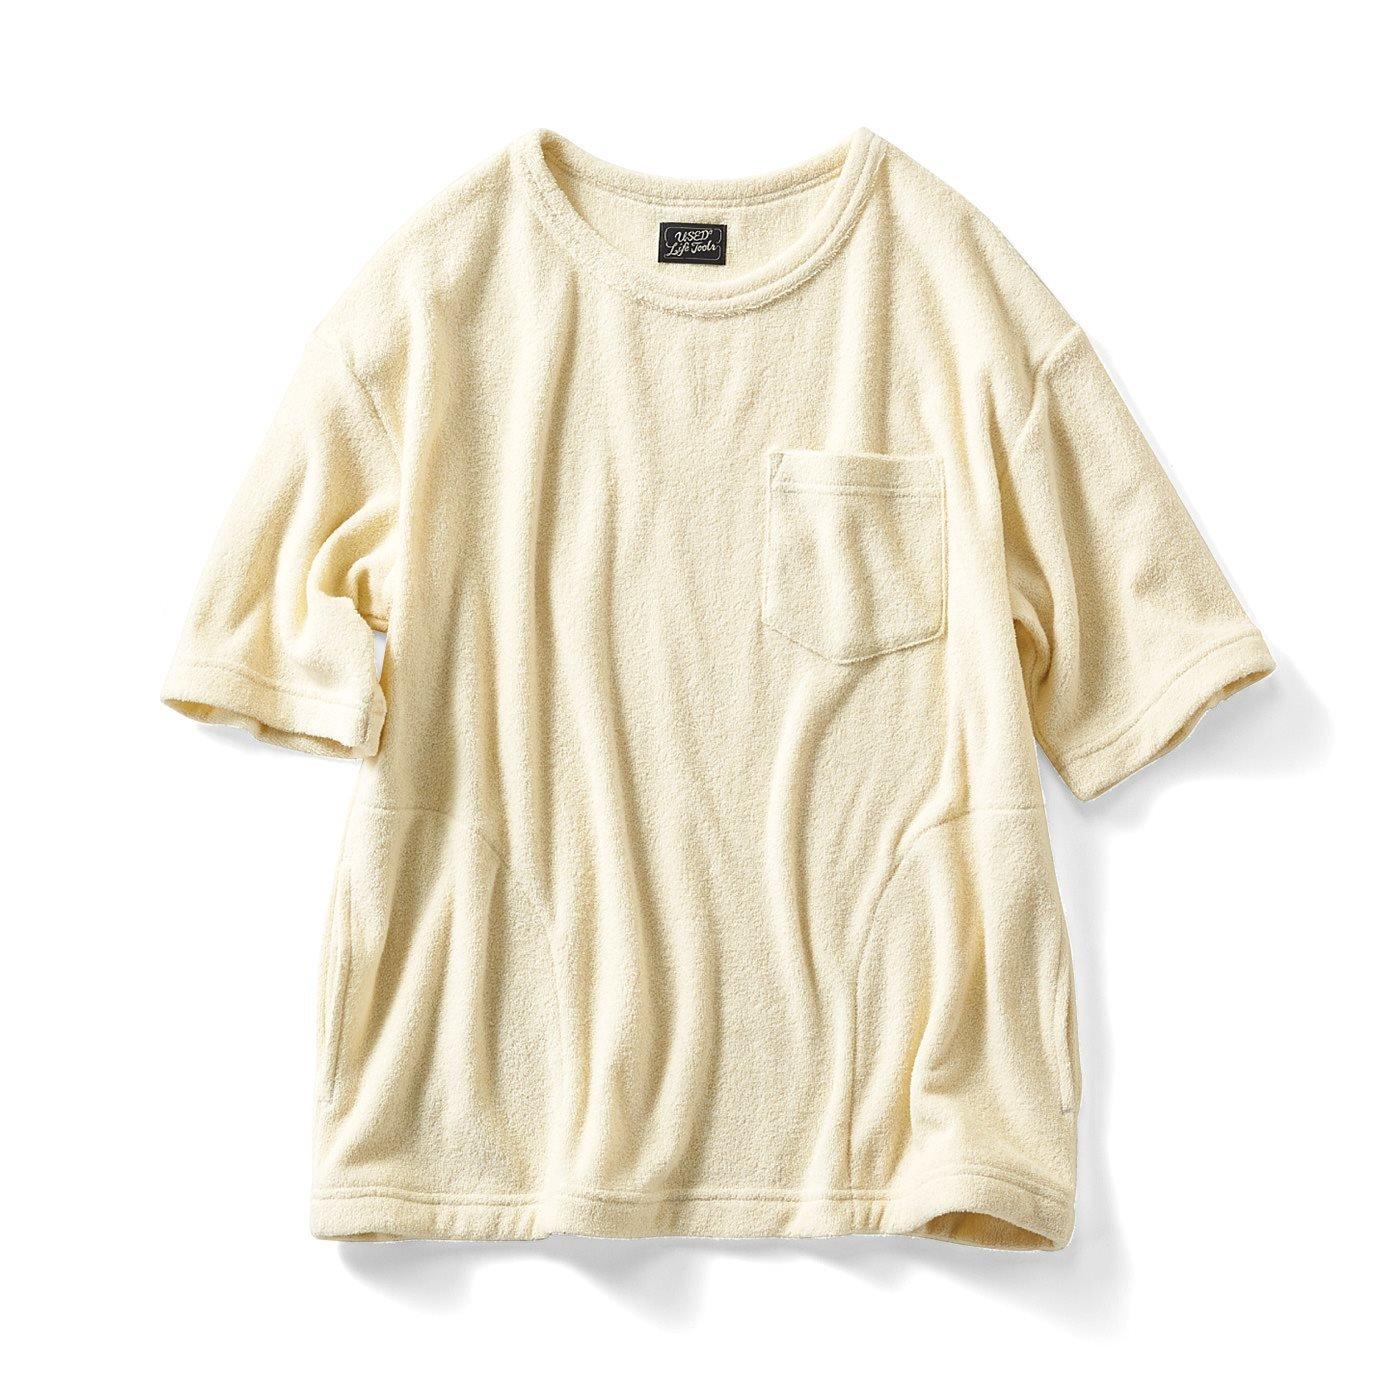 古着屋さんで見つけたようなパイルのゆったりTシャツの会